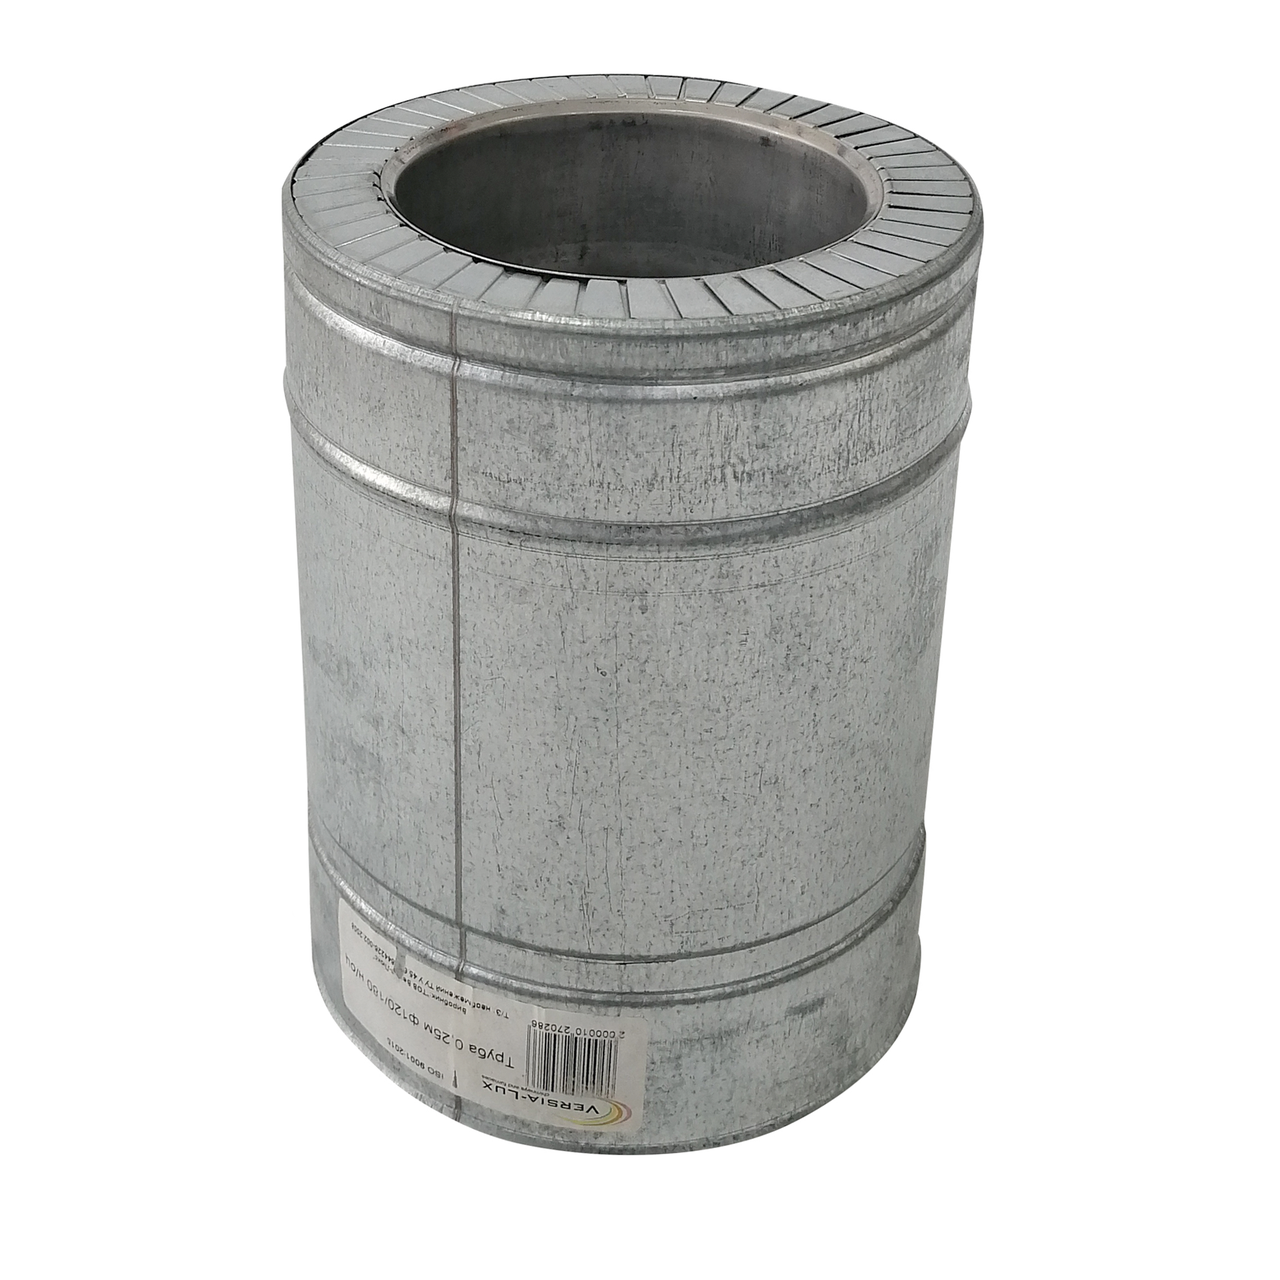 Труба димохідна сендвіч d 250 мм; 0,8 мм; AISI 304; 25 см; нержавіюча сталь/оцинкування - «Версія-Люкс»